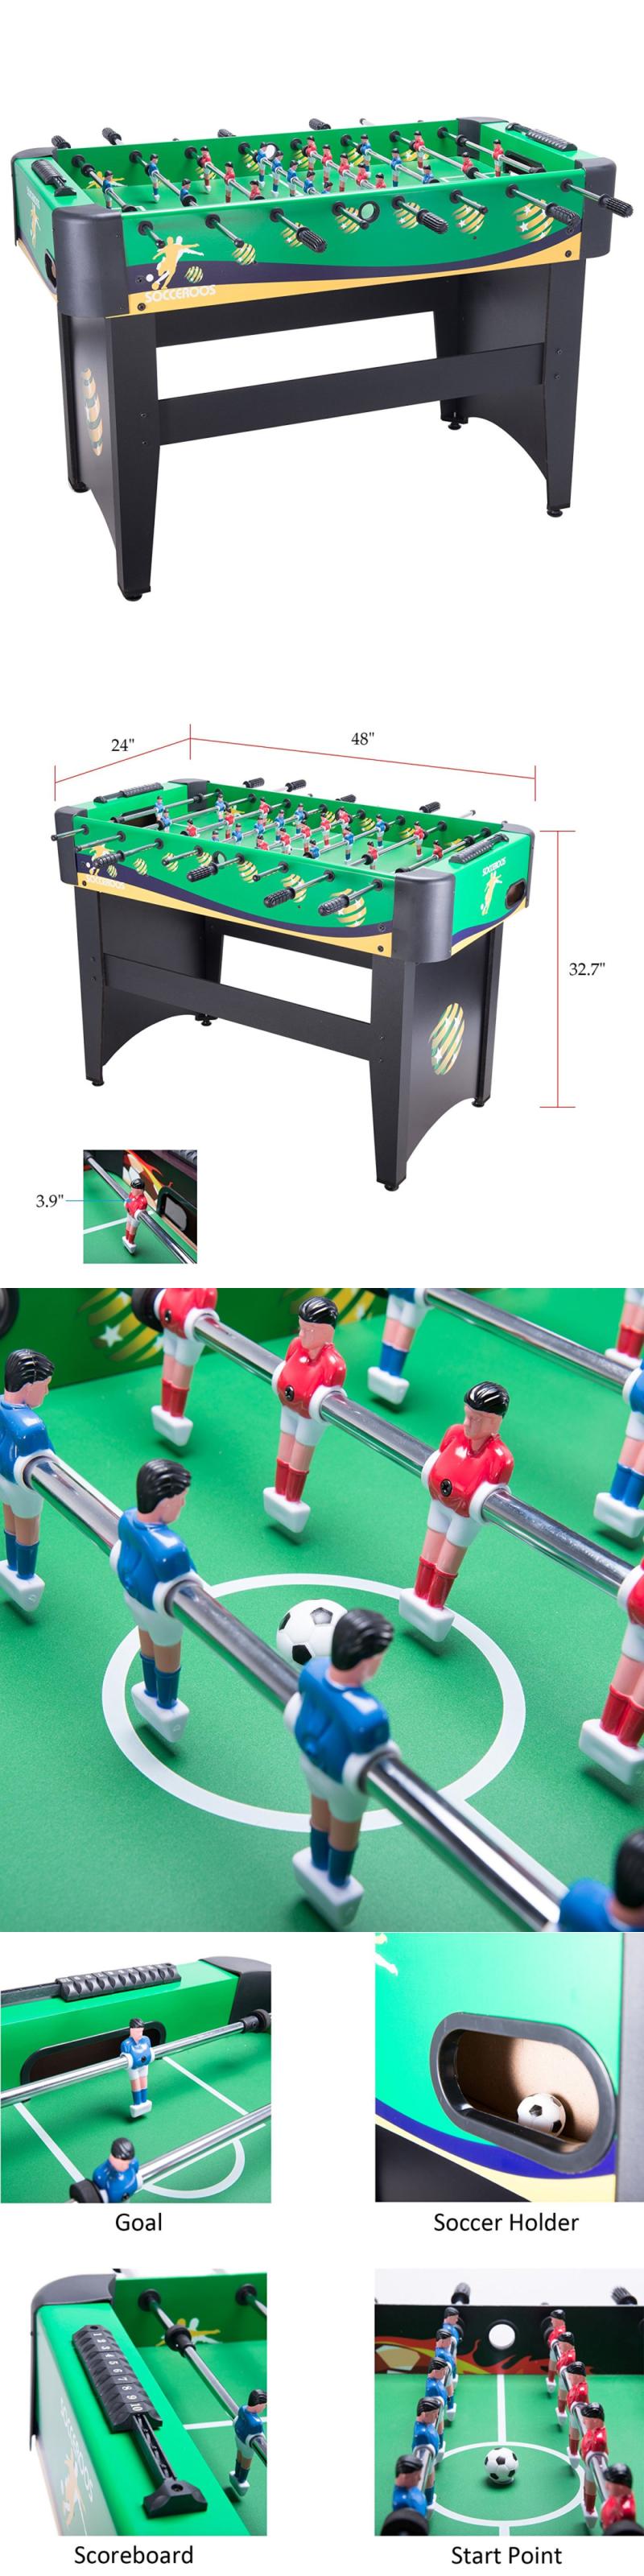 Foosball 36276: Pinty 48 Foosball Table Soccer Football Table 48 X 32 X 24  Mdf